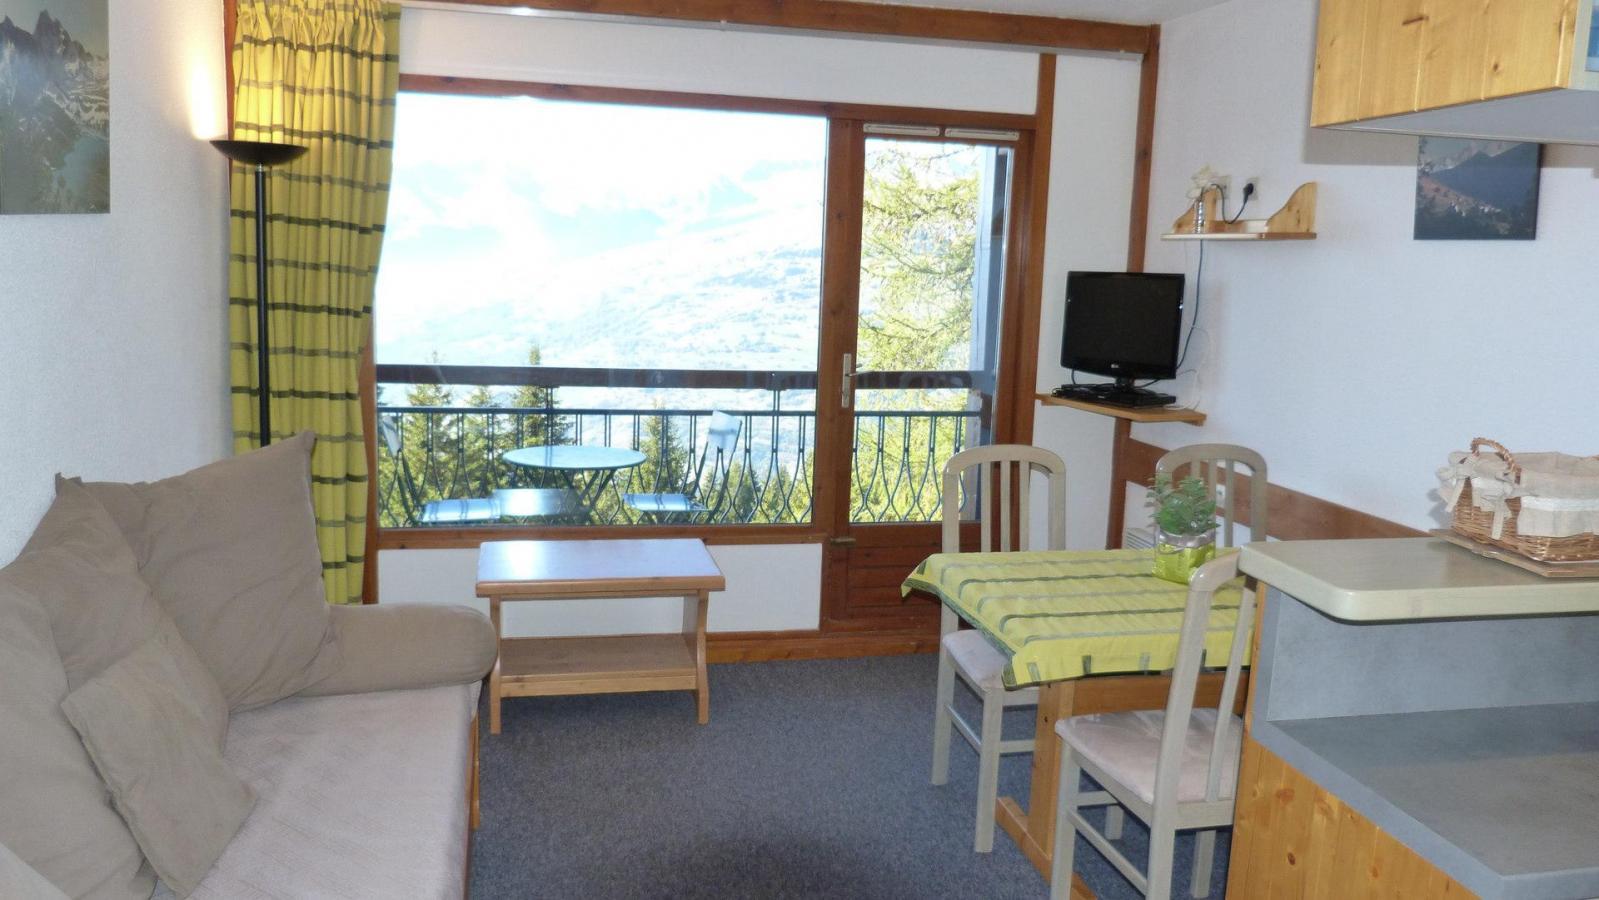 Location au ski Appartement 2 pièces 4 personnes (310) - Residence Le Ruitor - Les Arcs - Séjour